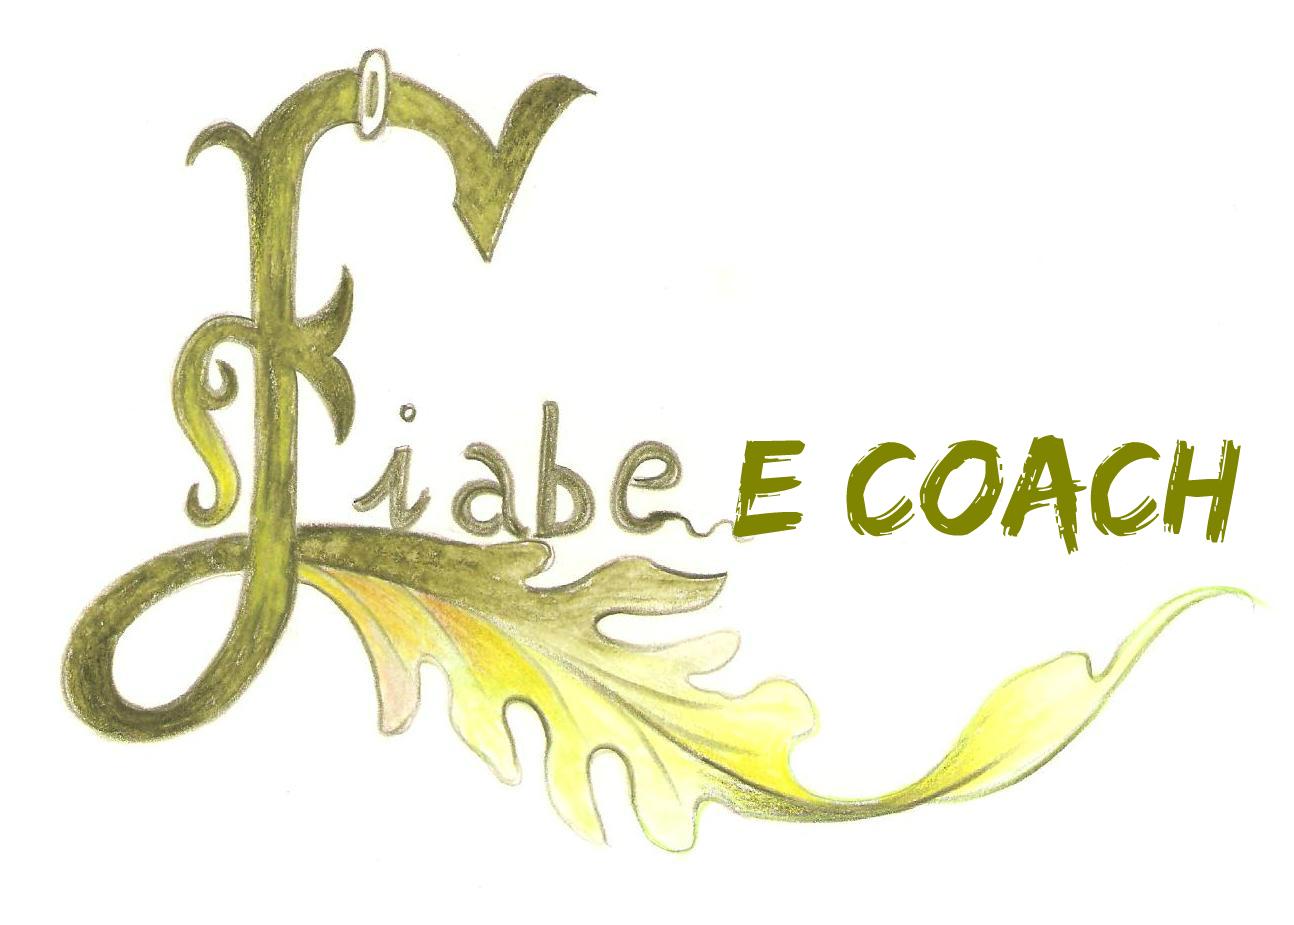 Un percorso di coaching cambia la vita come ai - You potente naturalmente ...